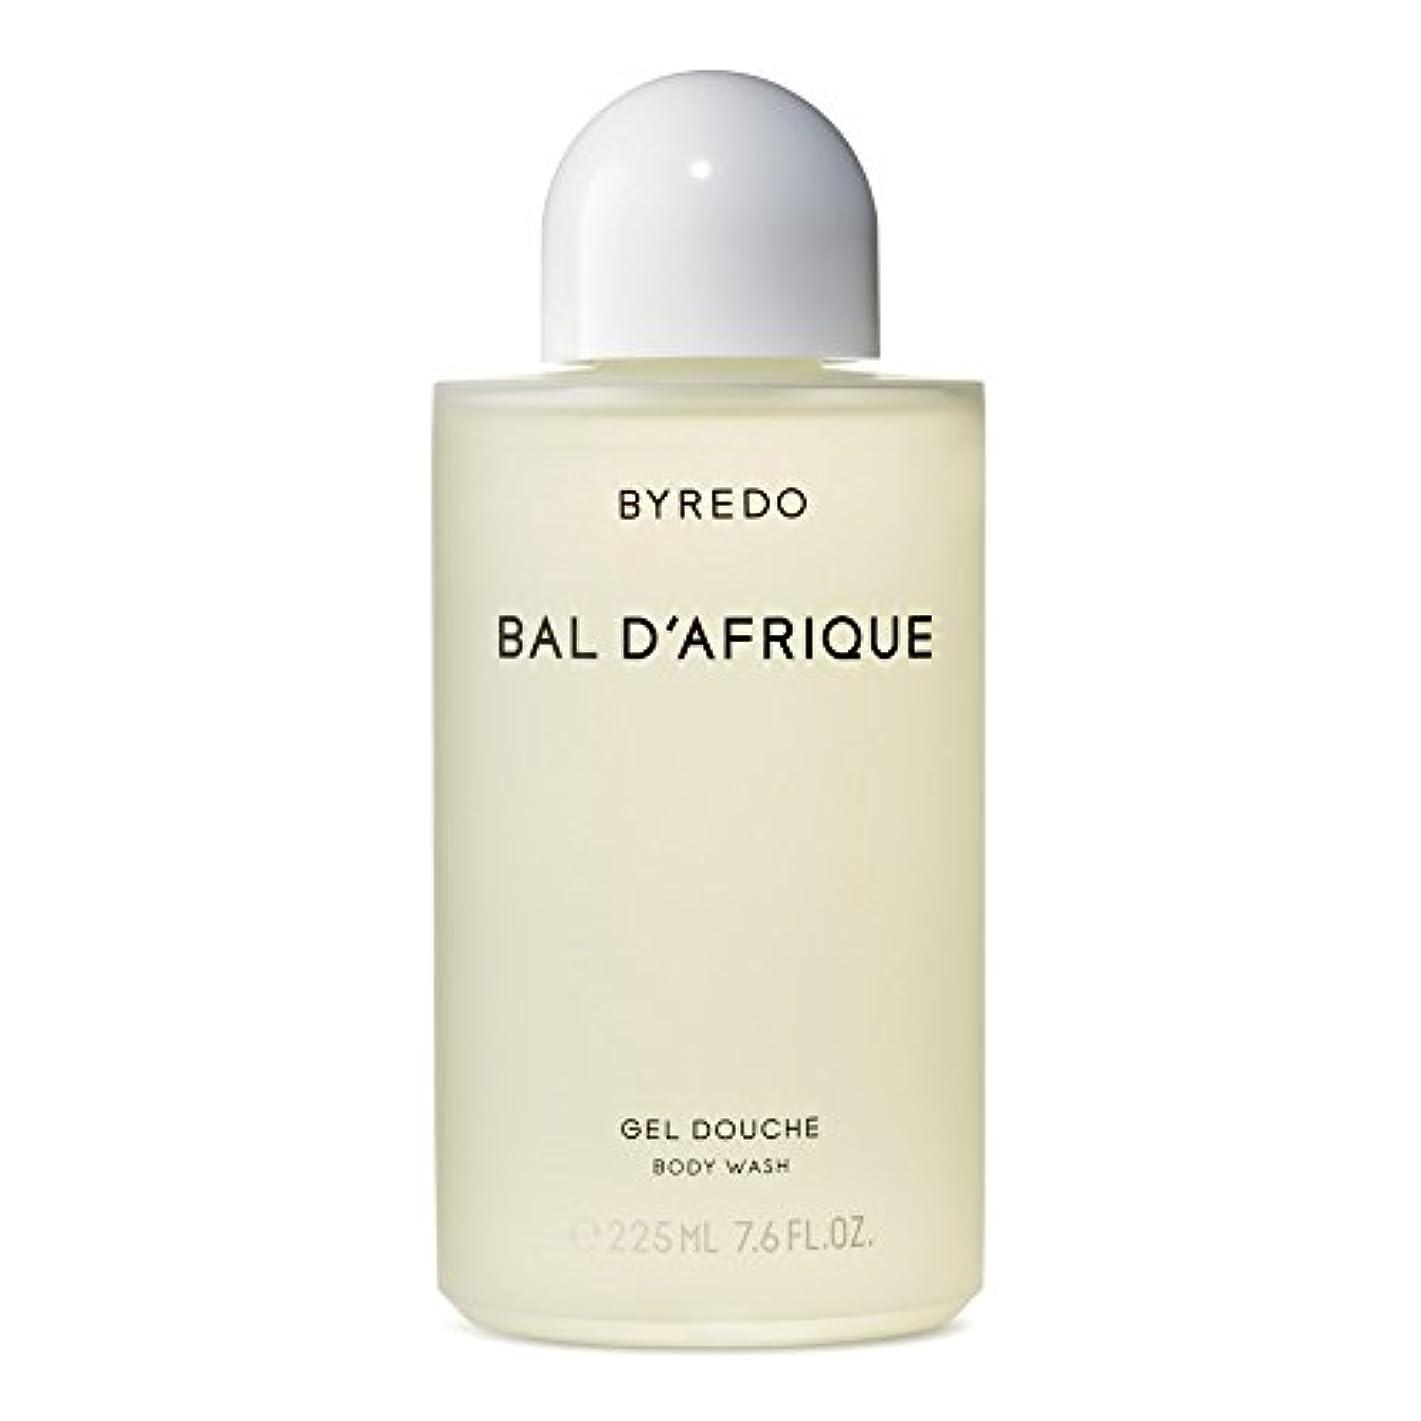 入学するピューフォルダ'のボディウォッシュ225ミリリットル x2 - Byredo Bal d'Afrique Body Wash 225ml (Pack of 2) [並行輸入品]